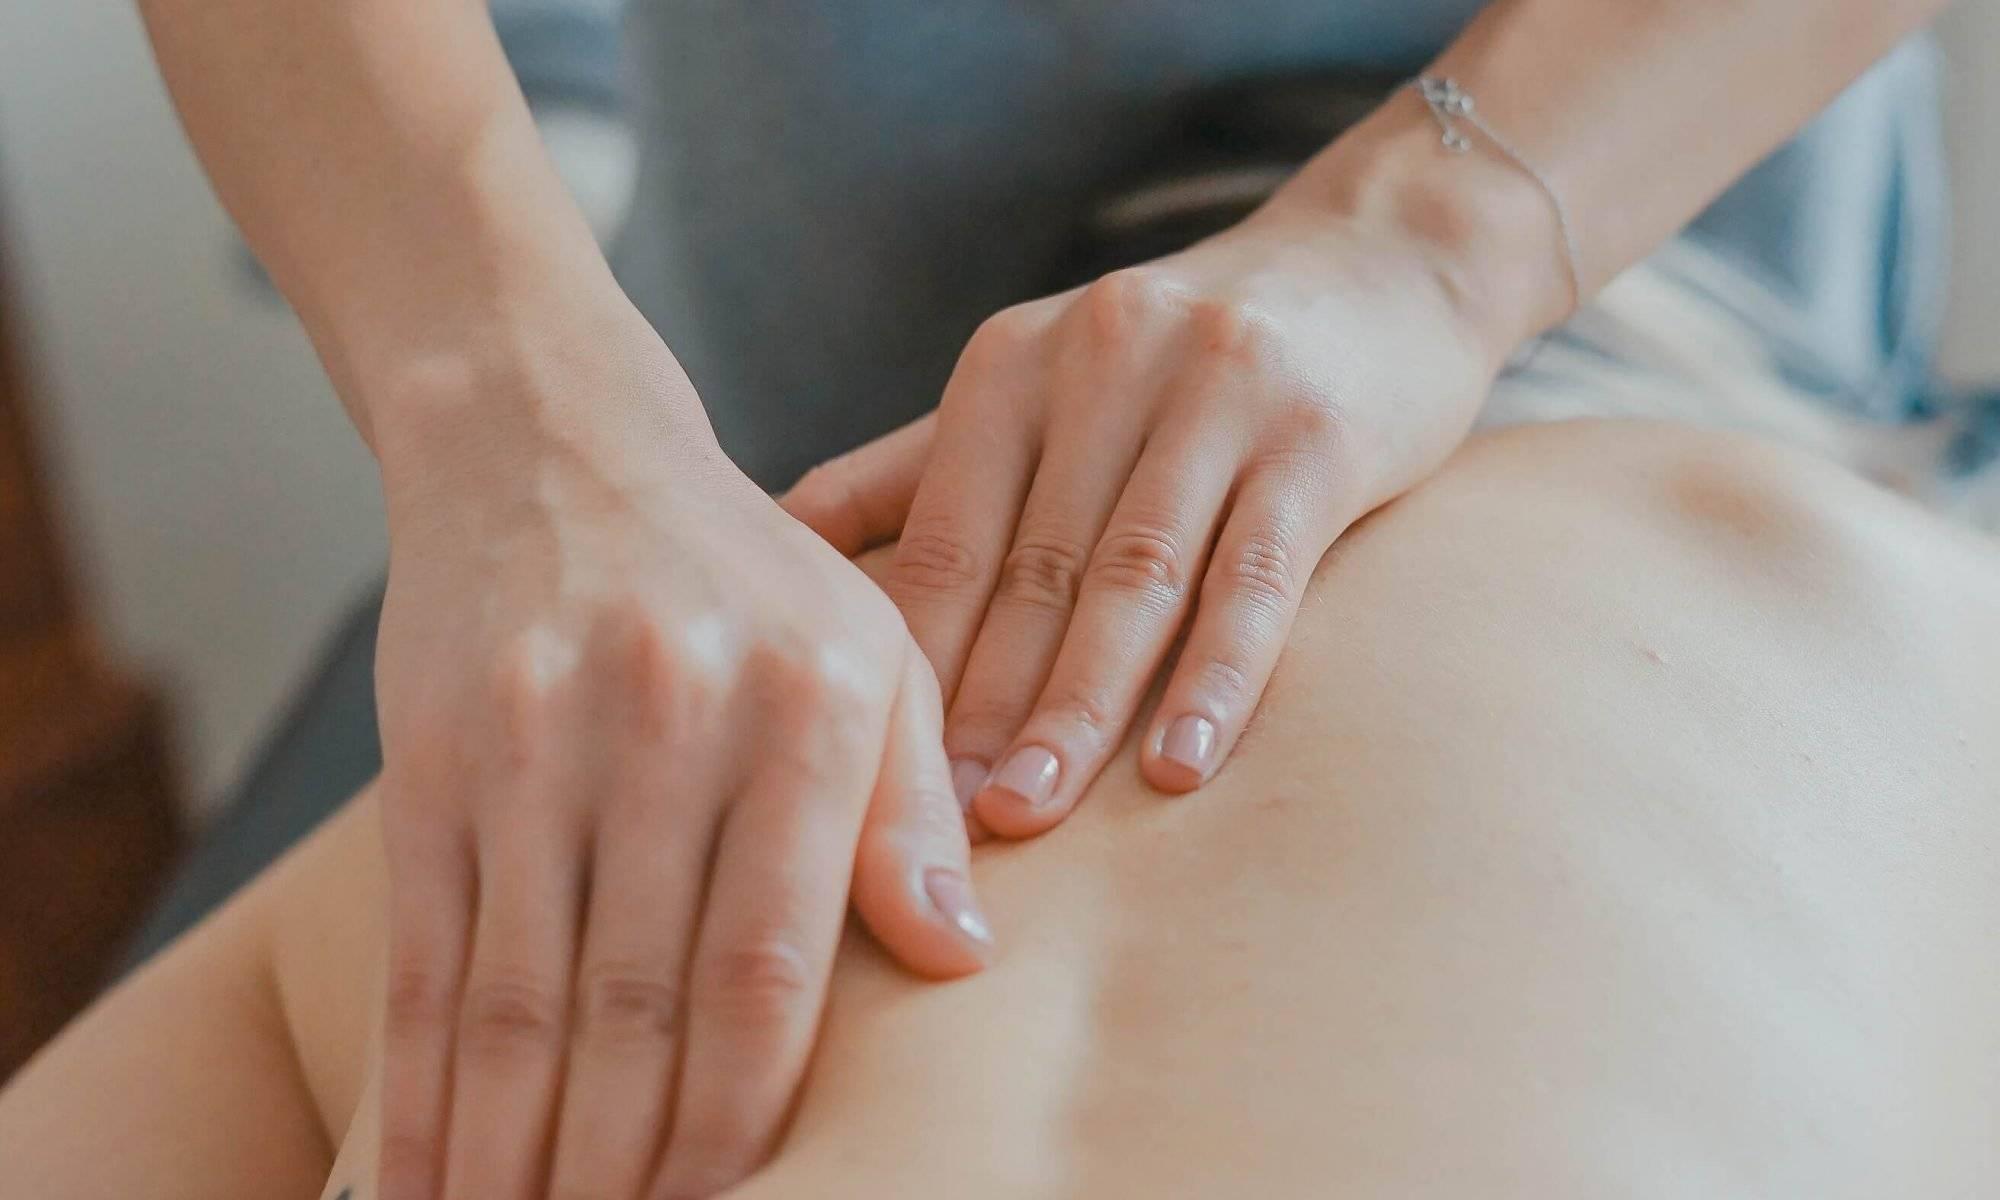 Chiropractor massage